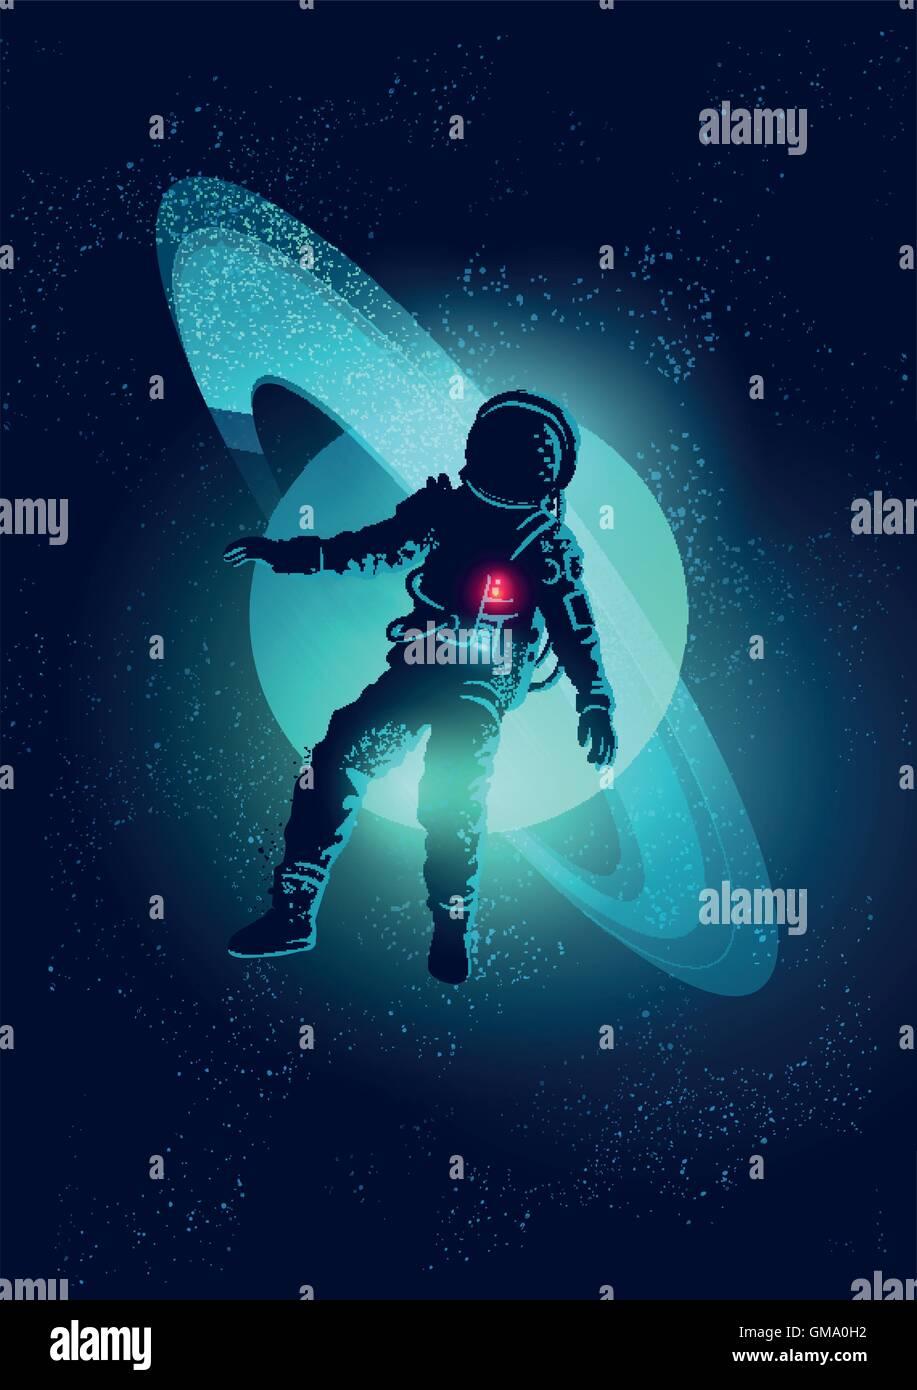 Un astronaute dans l'espace flottant. Vector illustration Photo Stock